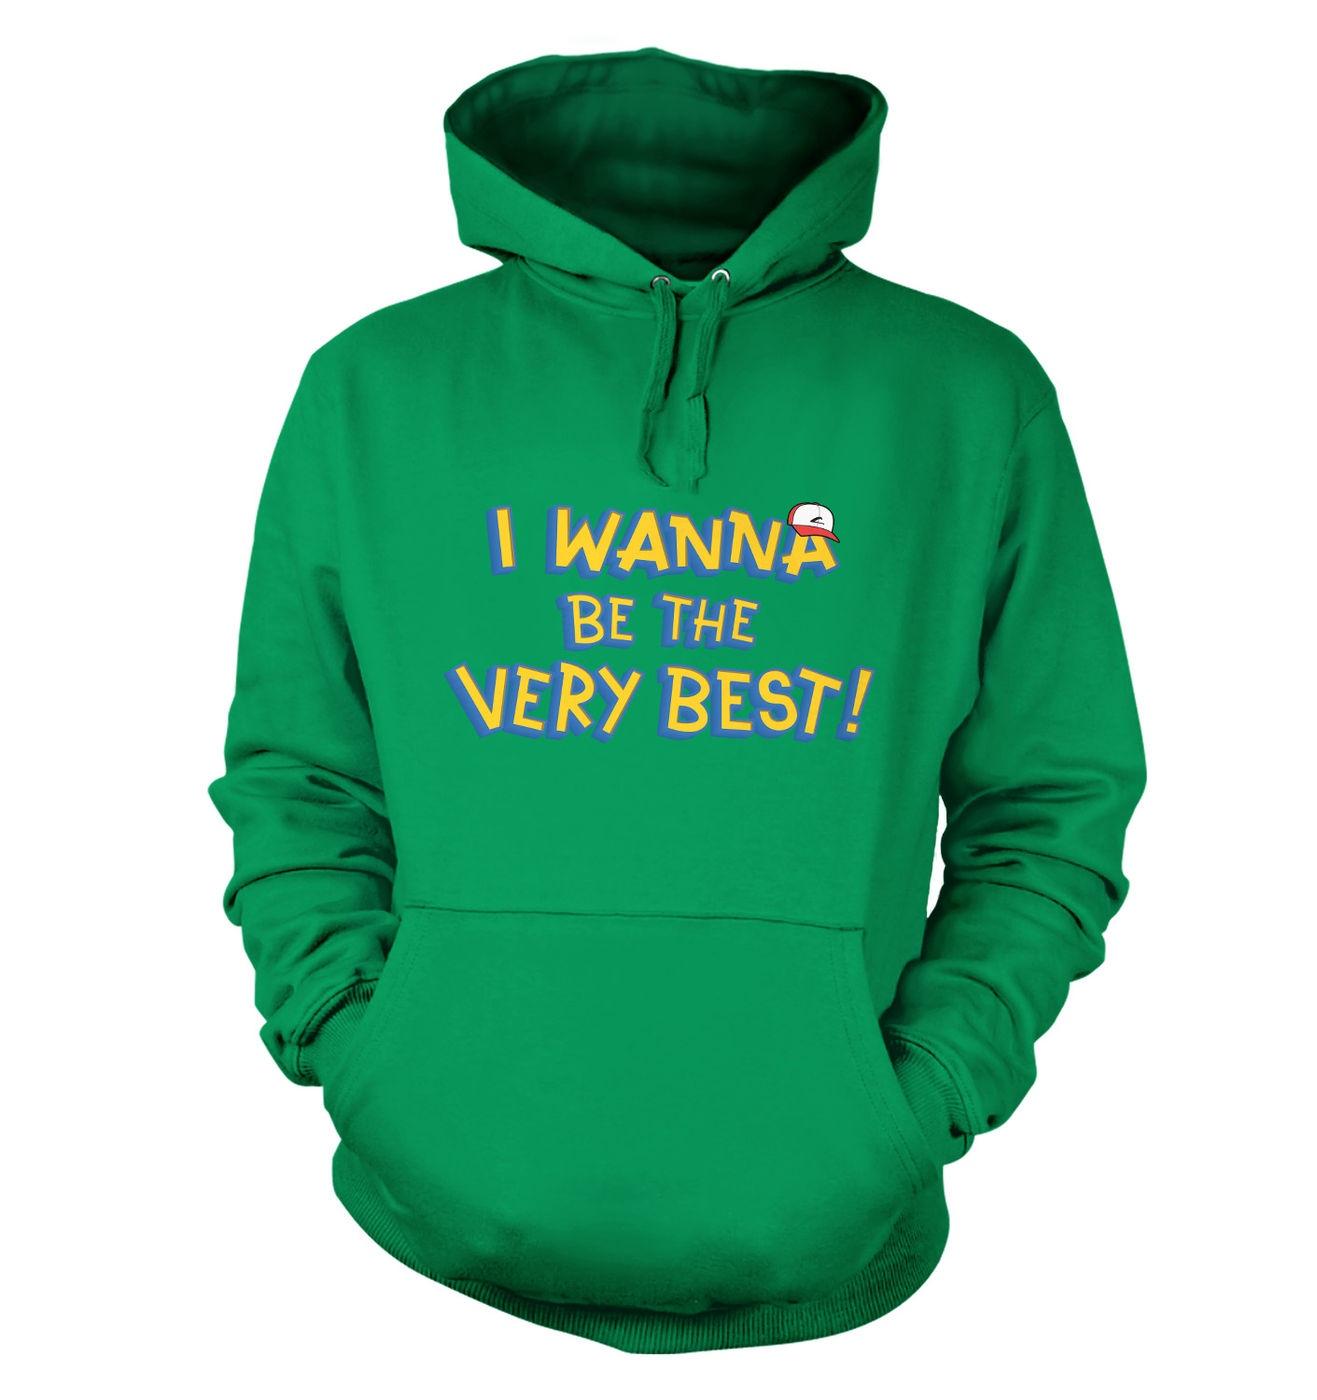 The Very Best hoodie by Something Geeky